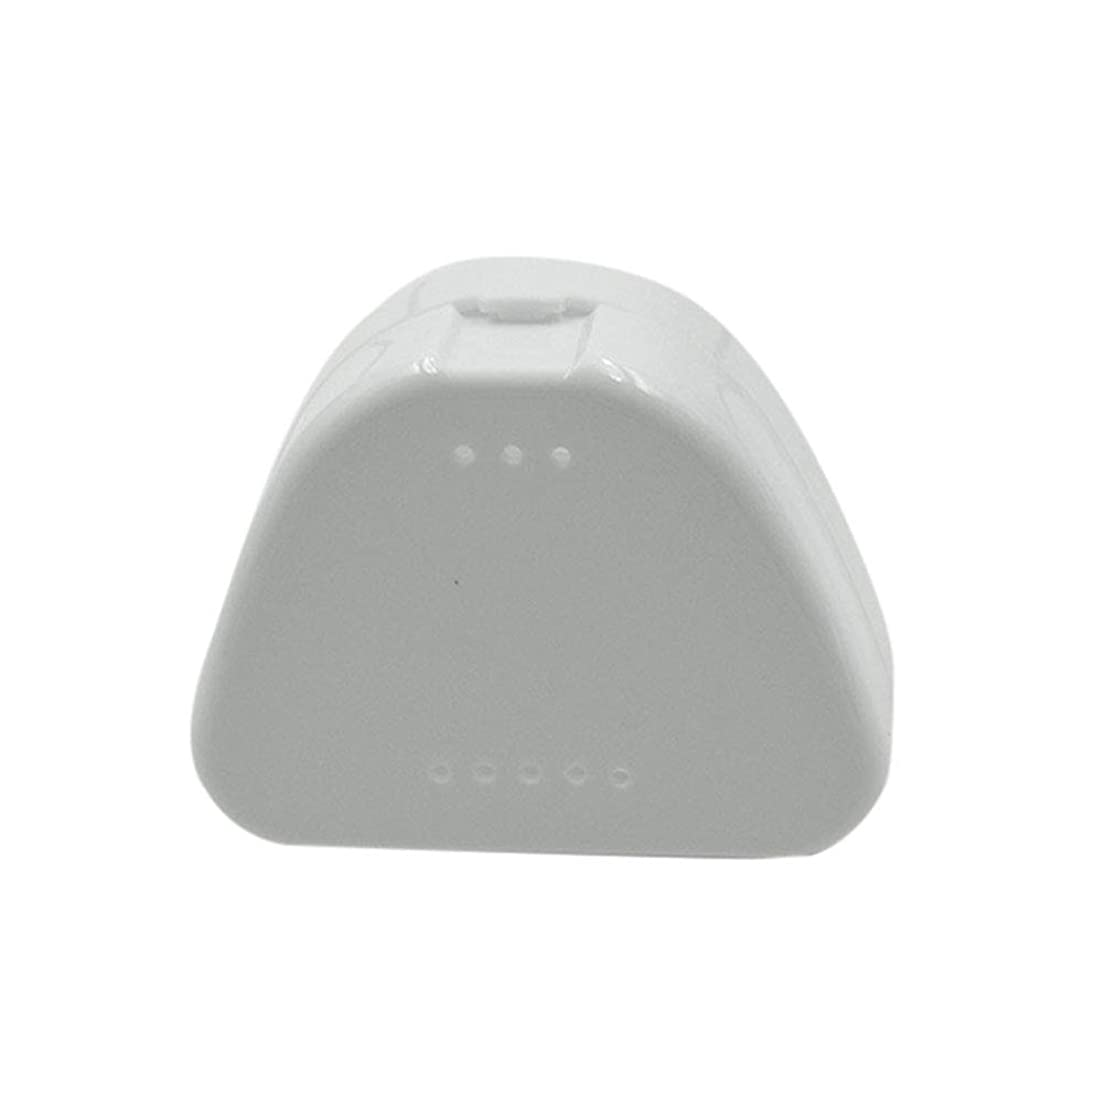 フラップ意外スプリットHealifty 義歯ボックス矯正義歯収納容器4本